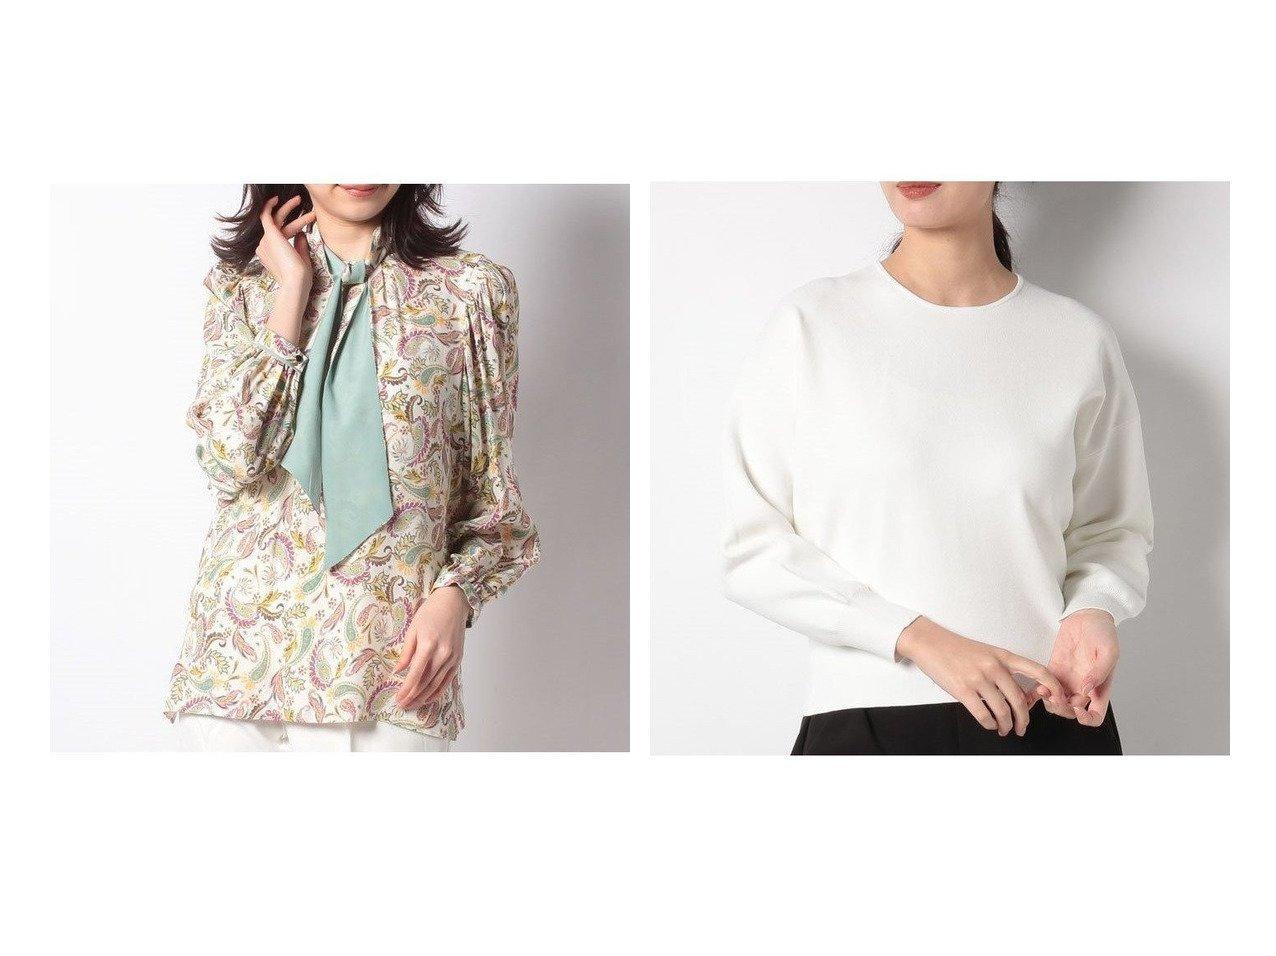 【ANAYI/アナイ】のミラノリブクルーネックコクーンプルオーバー&ドローイングプリントパフスリーブブラウス アナイのおすすめ!人気、トレンド・レディースファッションの通販  おすすめで人気の流行・トレンド、ファッションの通販商品 メンズファッション・キッズファッション・インテリア・家具・レディースファッション・服の通販 founy(ファニー) https://founy.com/ ファッション Fashion レディースファッション WOMEN トップス カットソー Tops Tshirt シャツ/ブラウス Shirts Blouses ロング / Tシャツ T-Shirts プルオーバー Pullover カットソー Cut and Sewn NEW・新作・新着・新入荷 New Arrivals おすすめ Recommend ジャケット パープル フラワー プリント ペイズリー ボトム リバーシブル シンプル スカーフ ネックレス バランス ミラノリブ 長袖 |ID:crp329100000022130